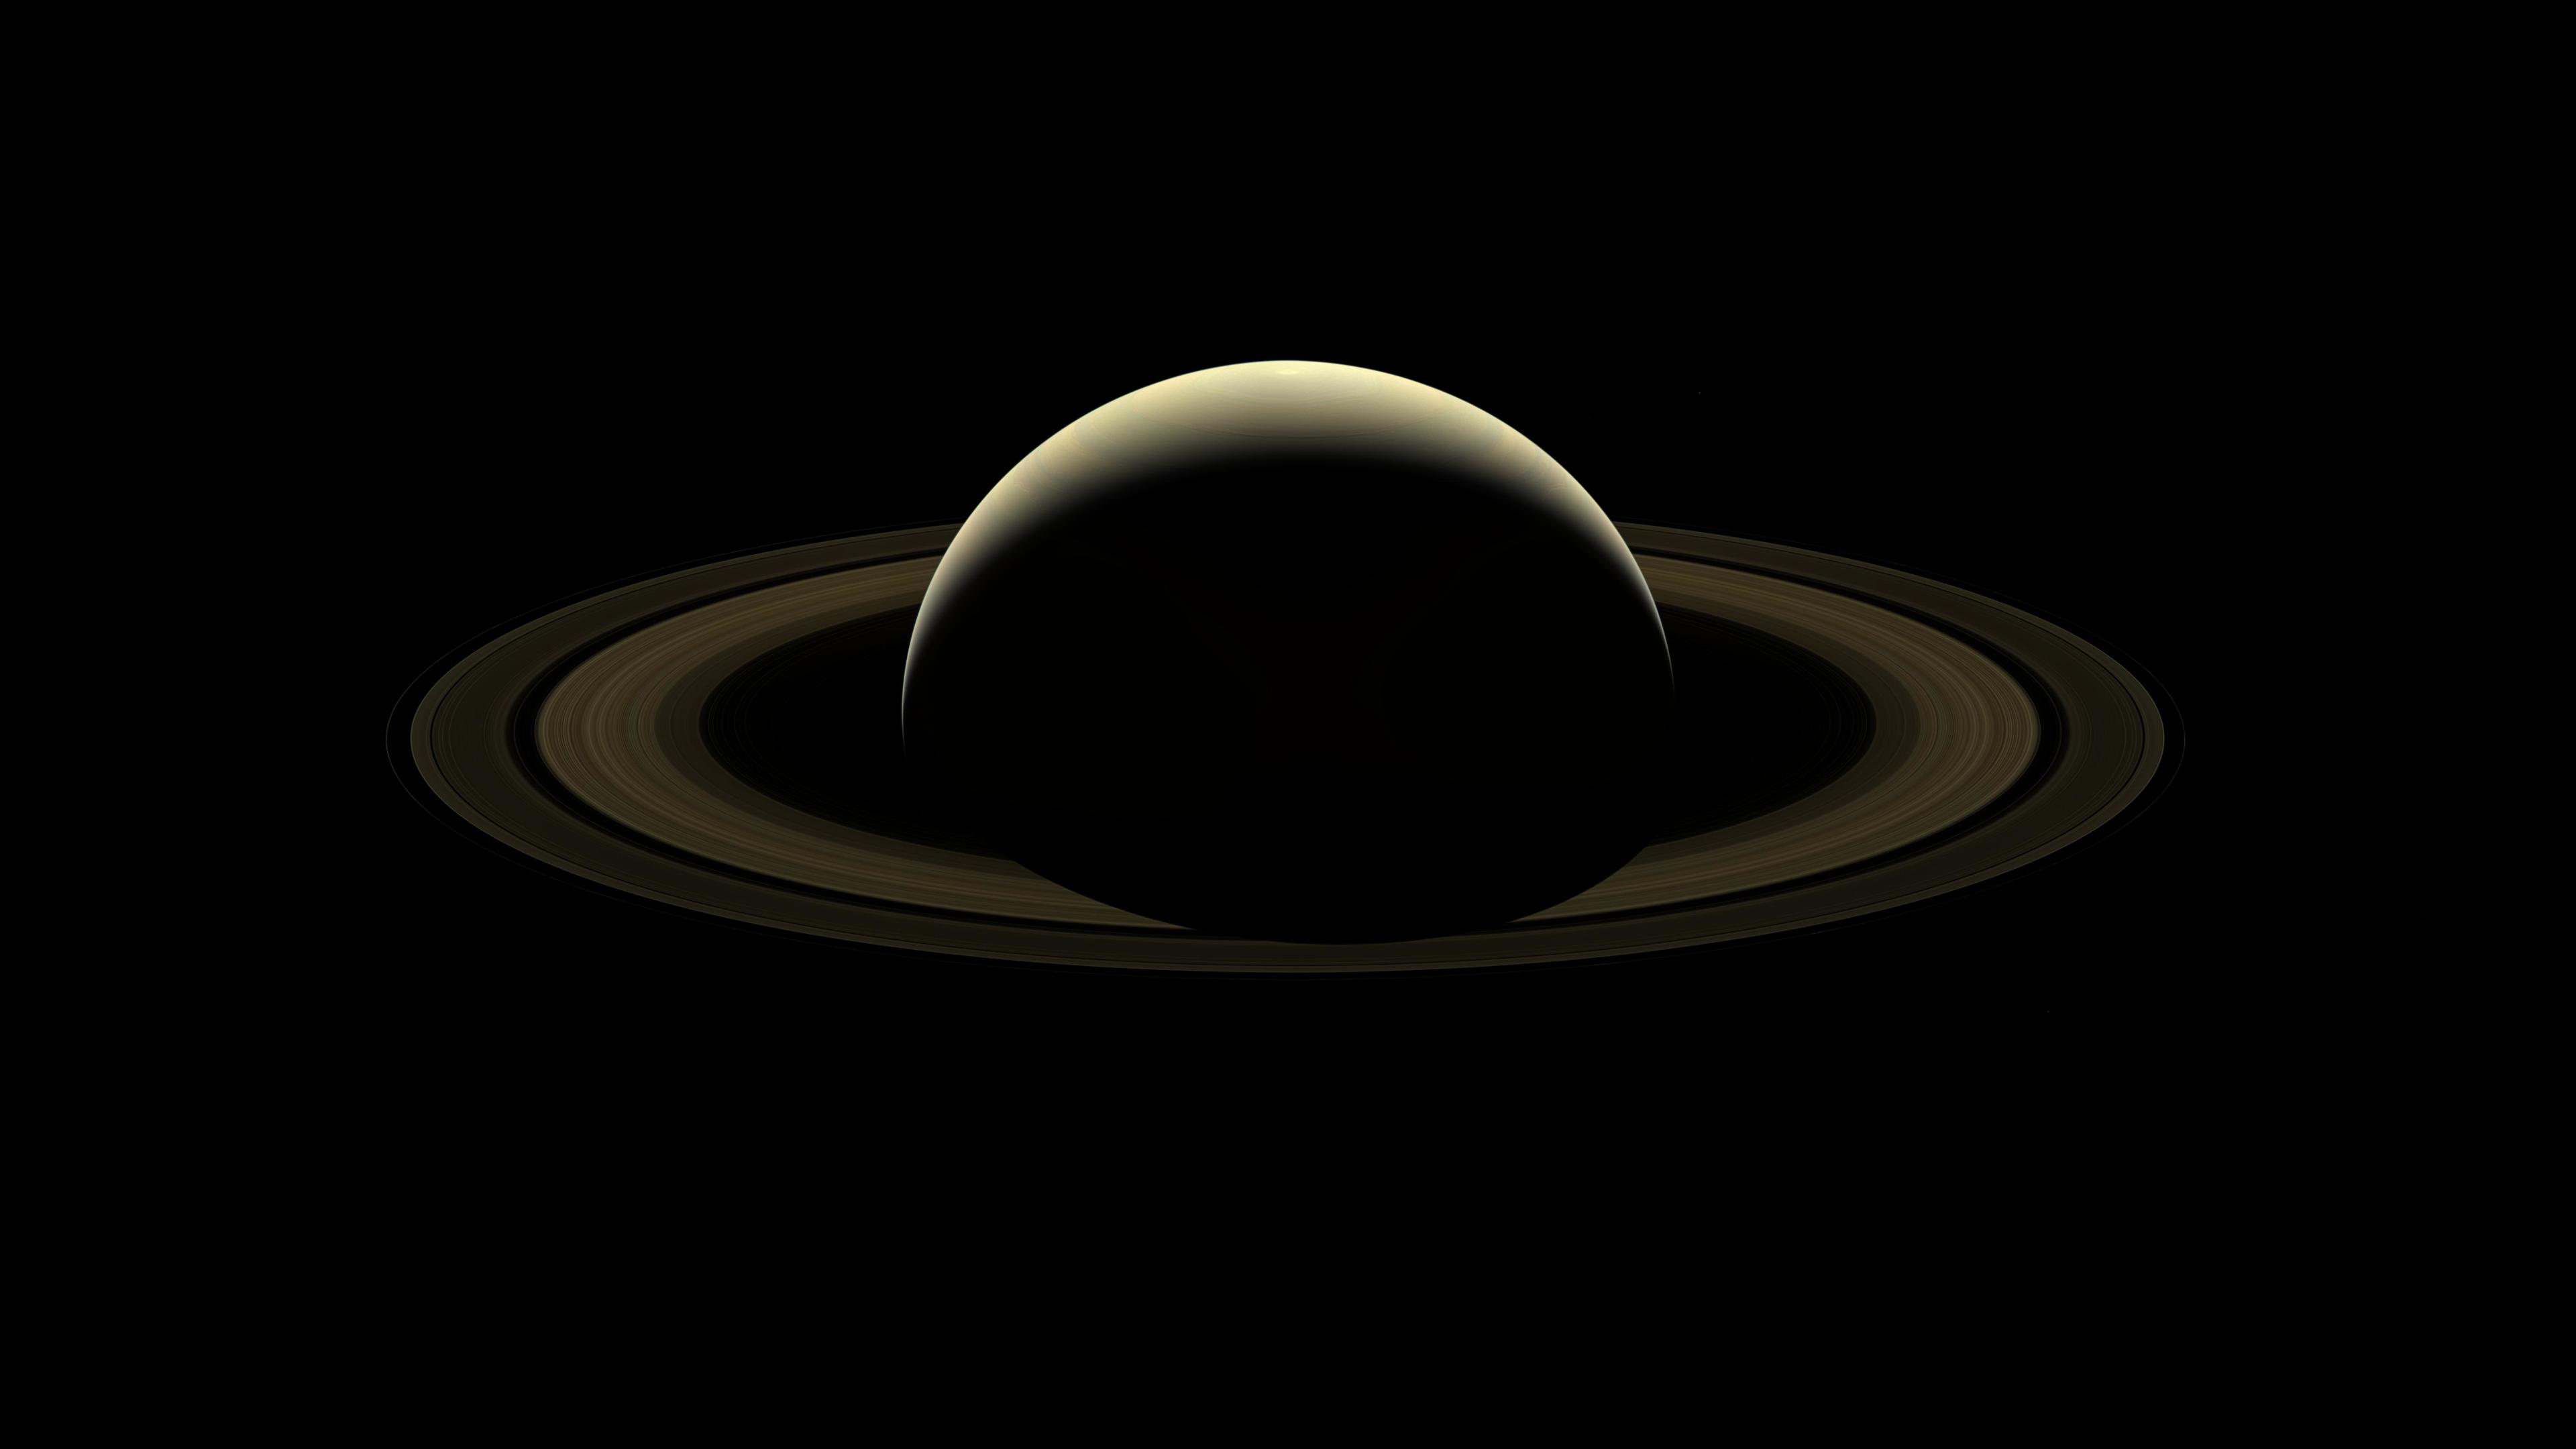 デスクトップ壁紙 惑星 スペース Nasa 自然 土星 3840x2160 Enotdex デスクトップ壁紙 Wallhere